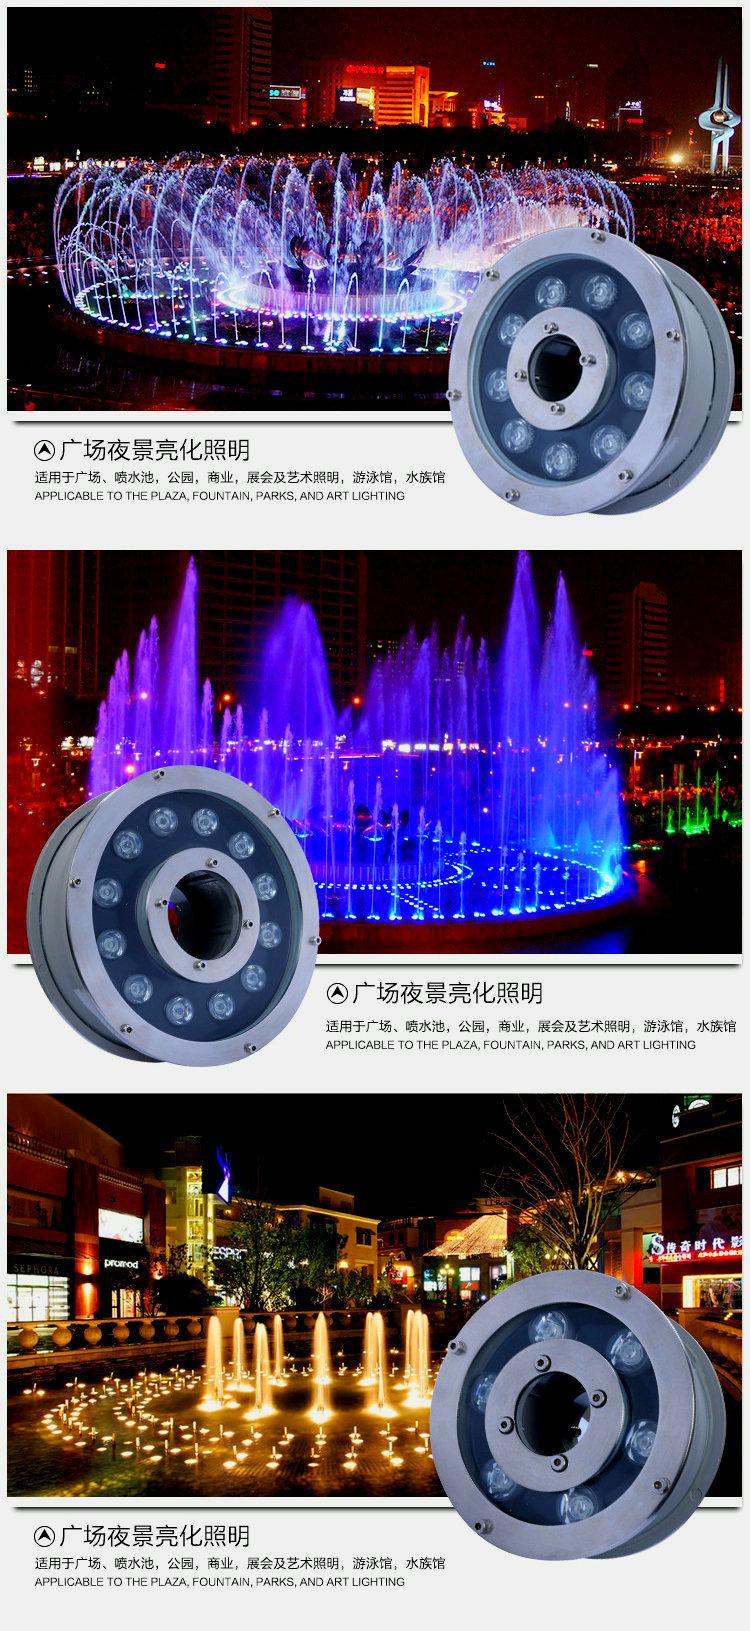 180大七彩喷泉灯 喷泉水下灯 水底灯不锈钢 led水底灯喷泉灯示例图10